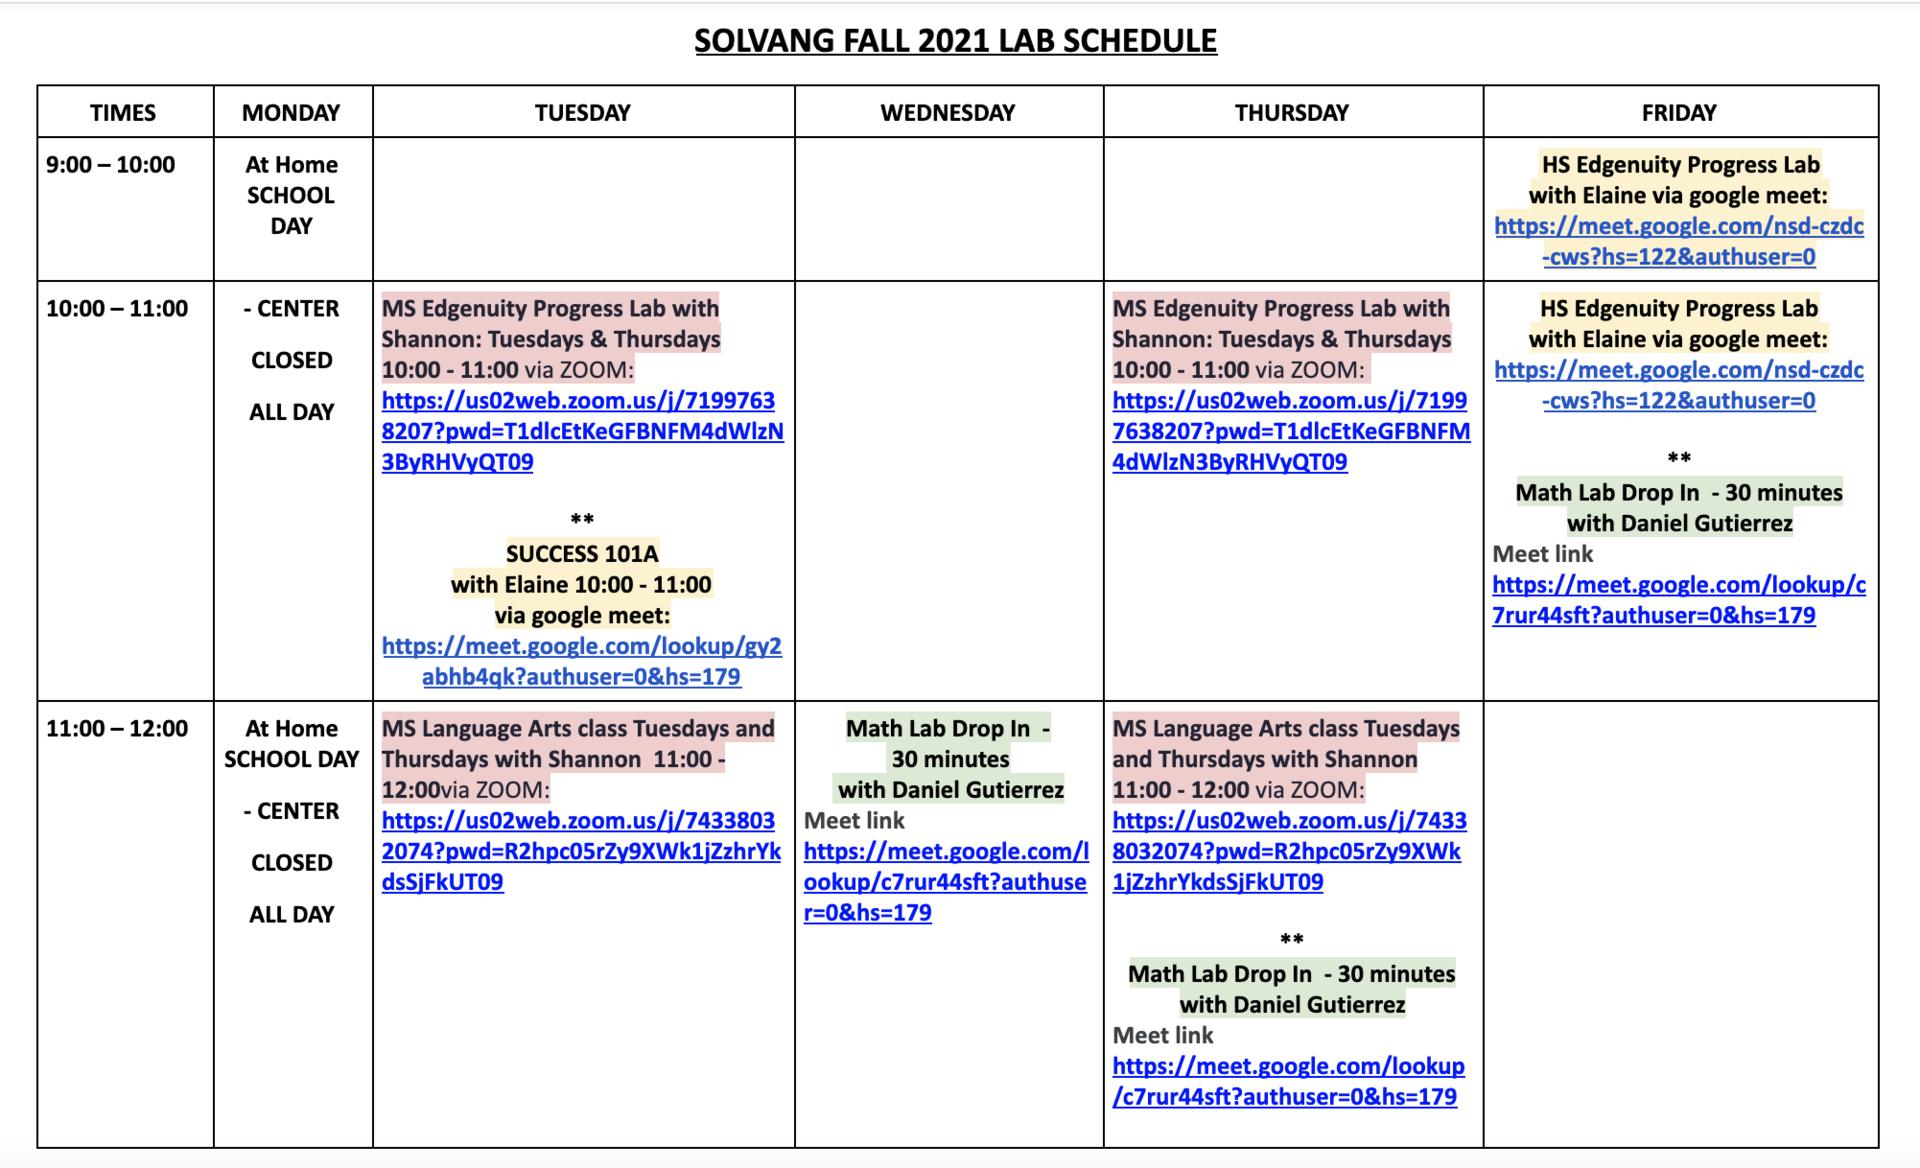 FPCS Solvang Schedule